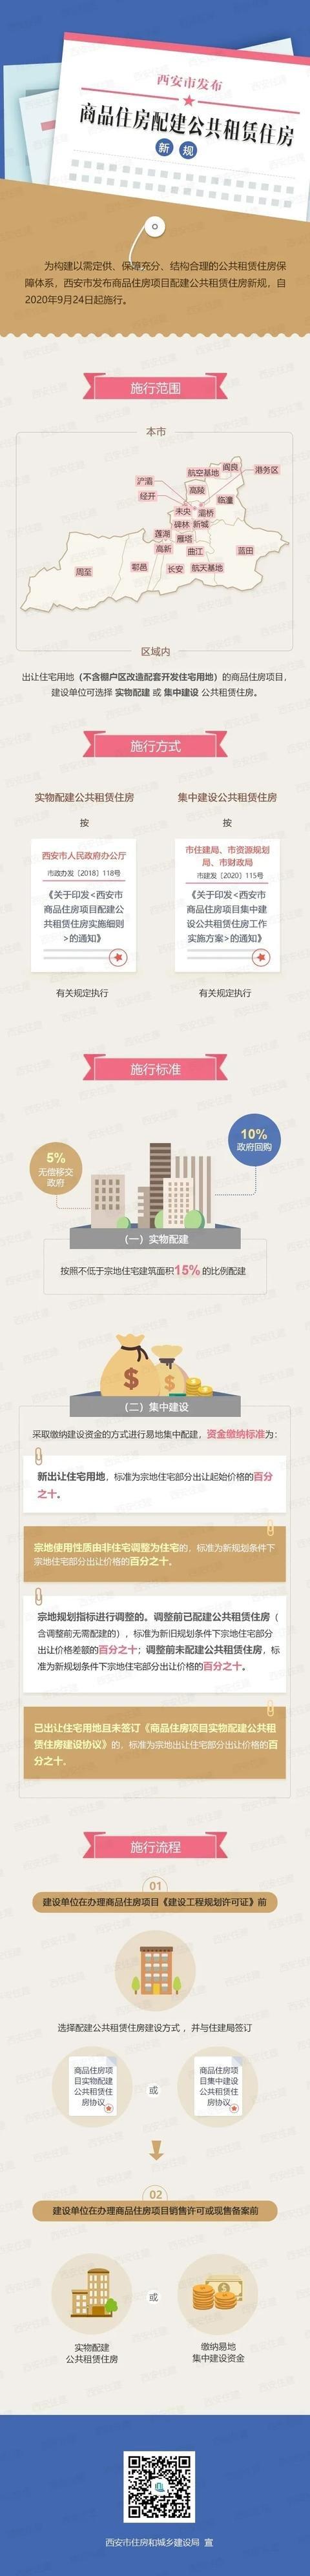 西安:商品房项目必须配建公租房,不低于总面积的15%